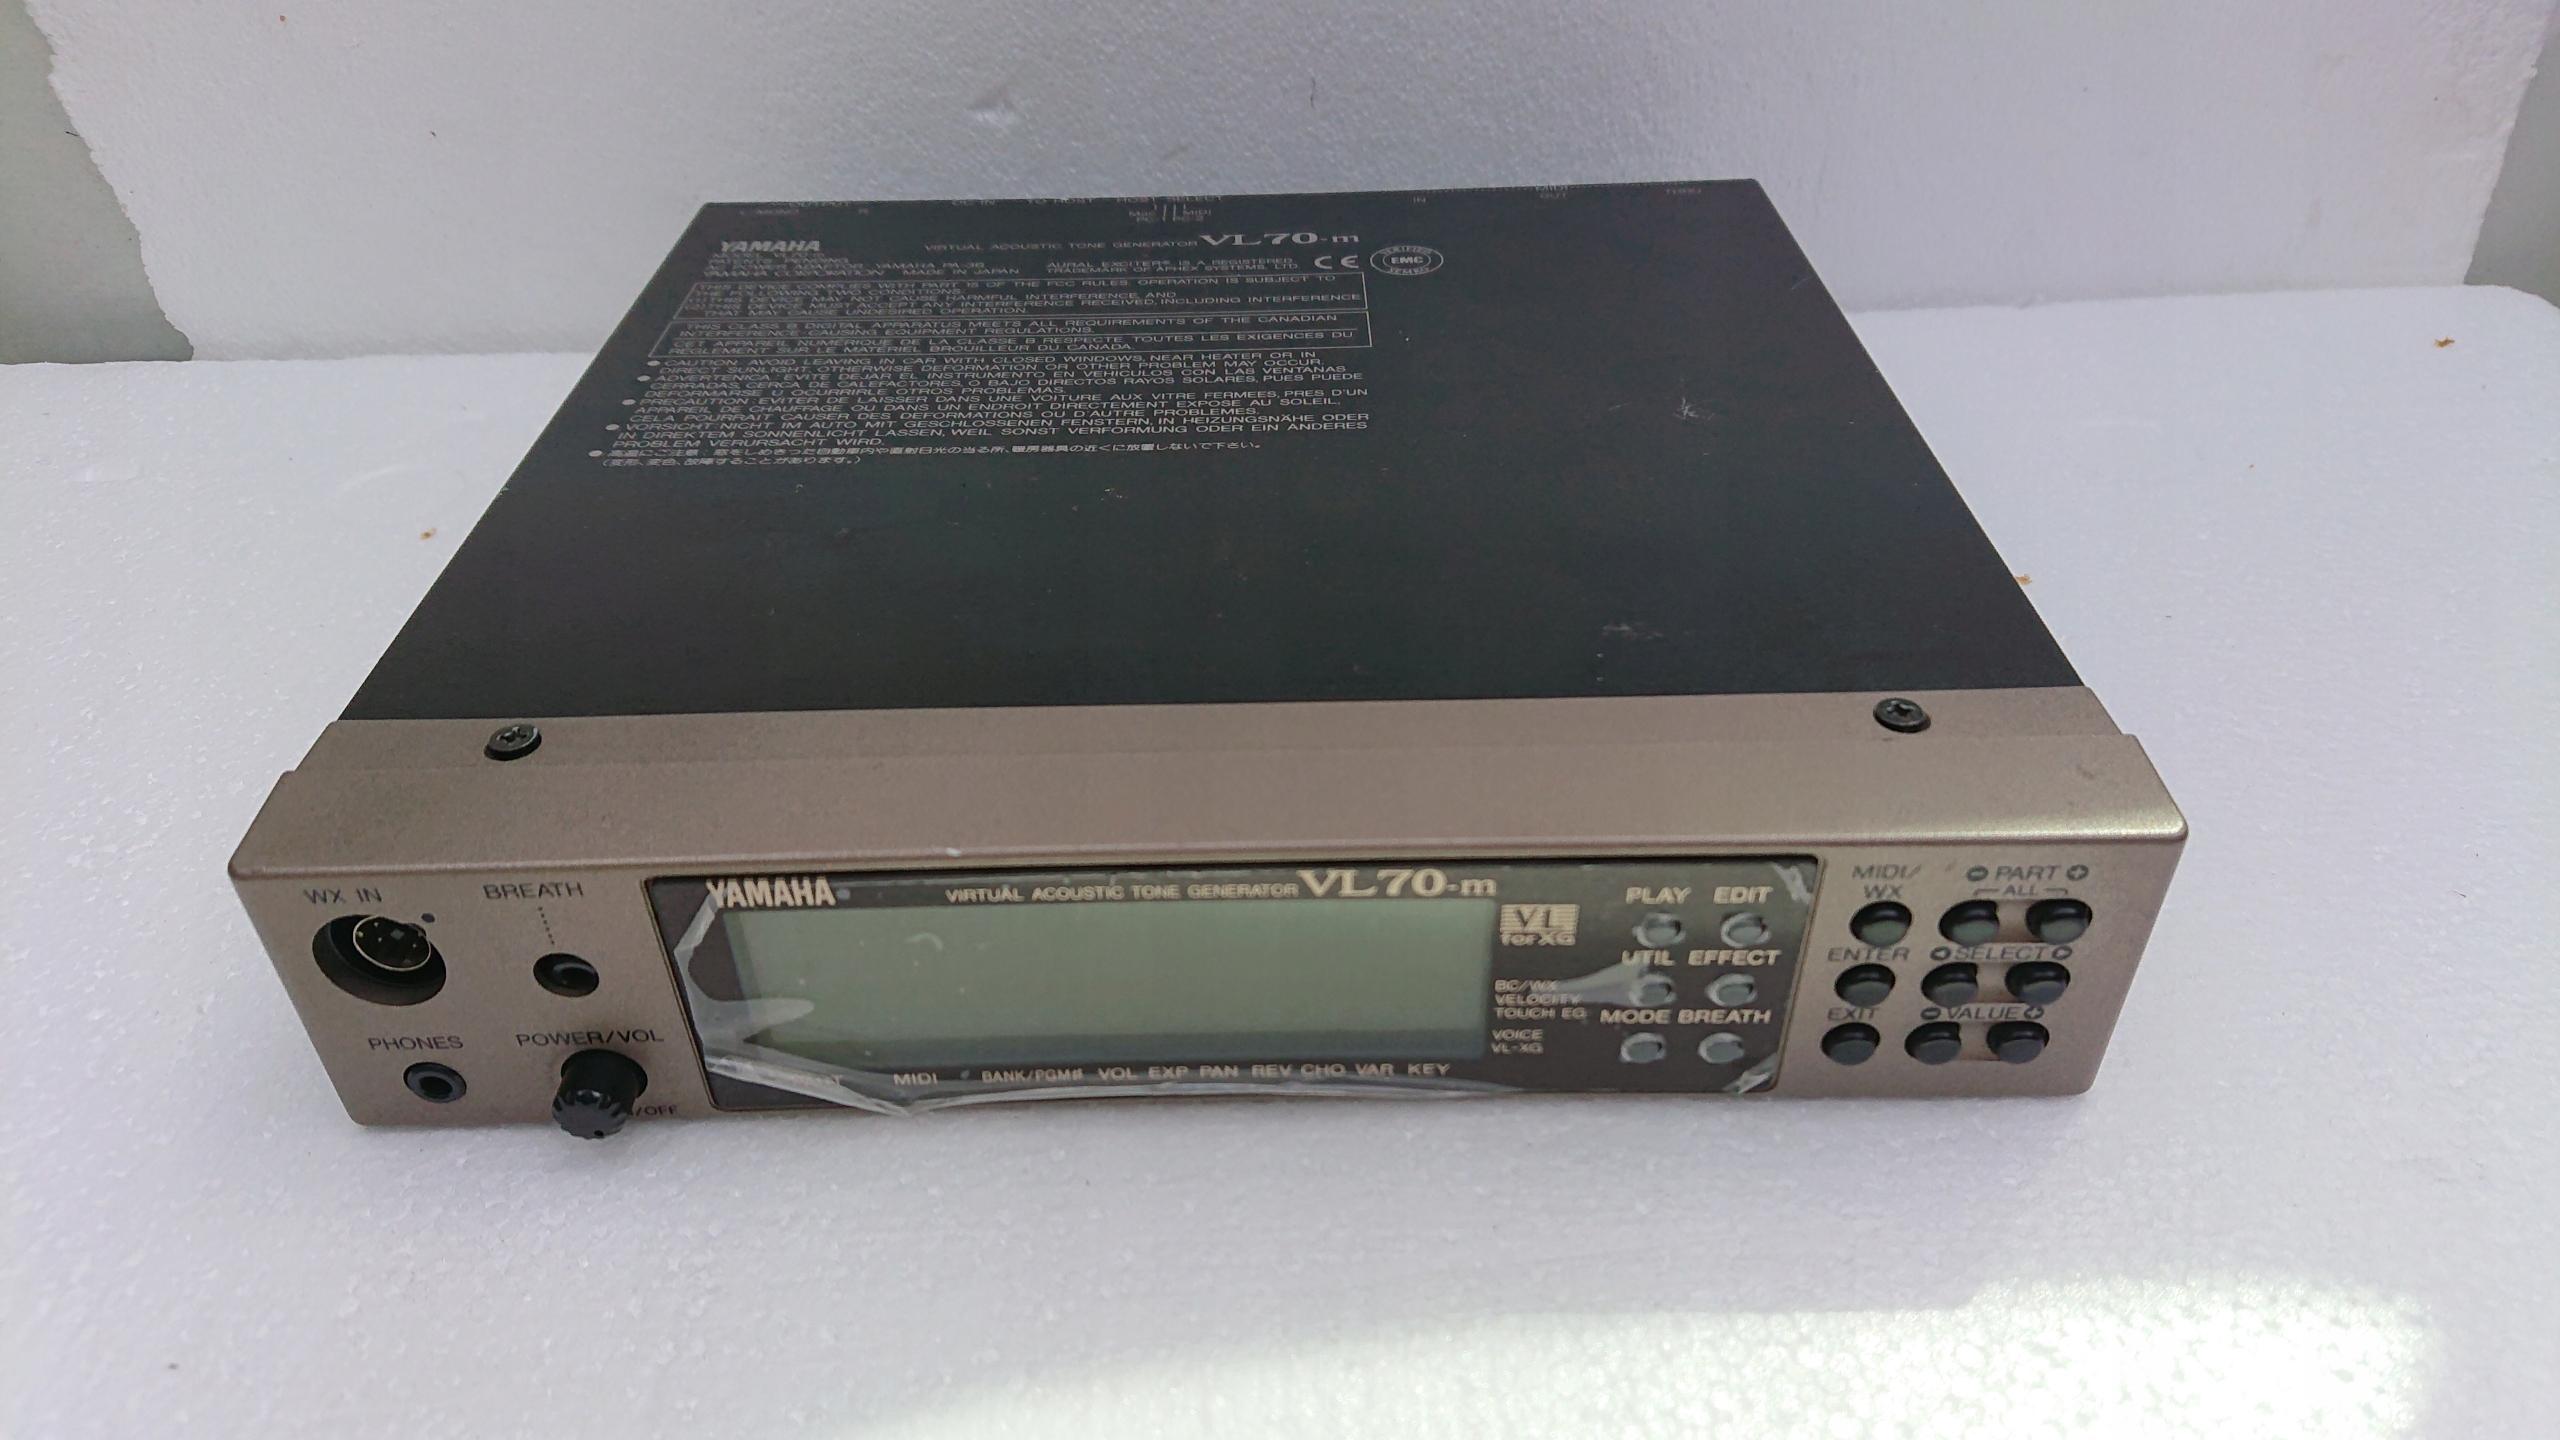 YAMAHA VL70-m Virtual Acqustic Tone Generator